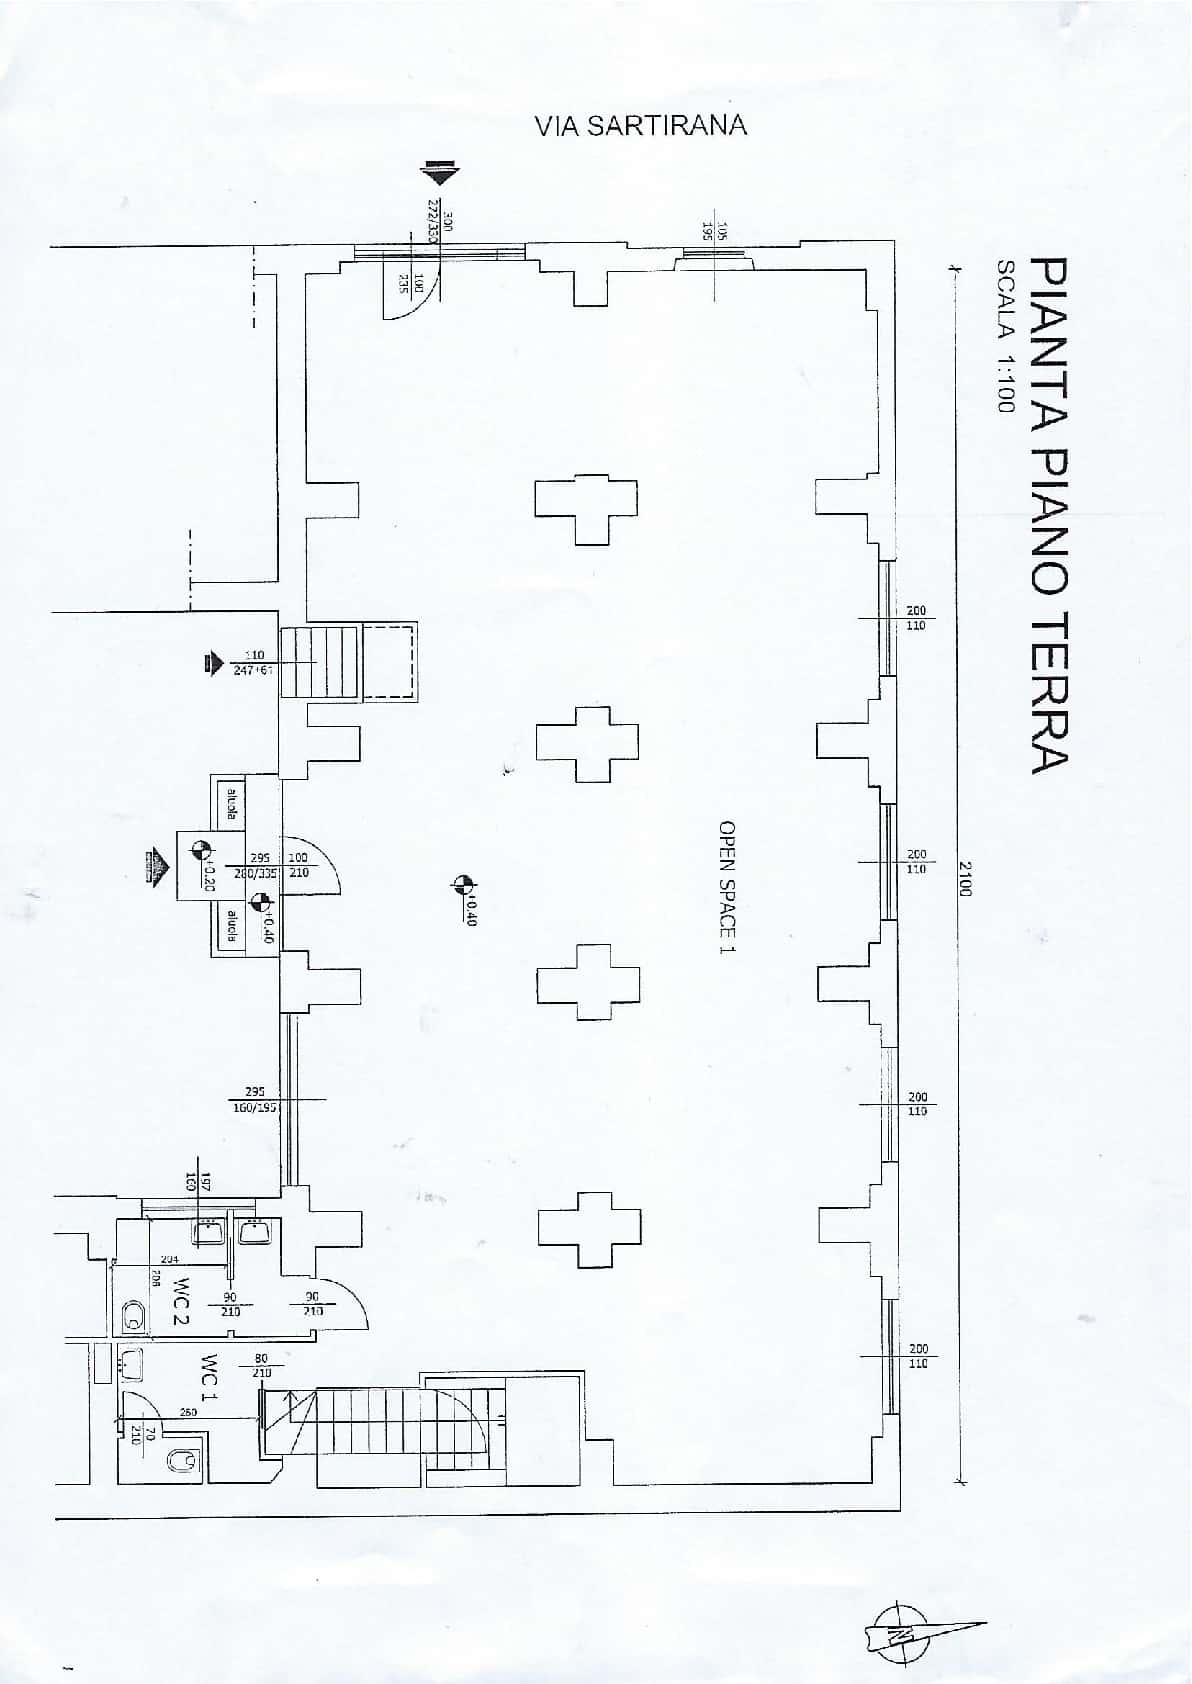 Planimetria vigevano 43-001